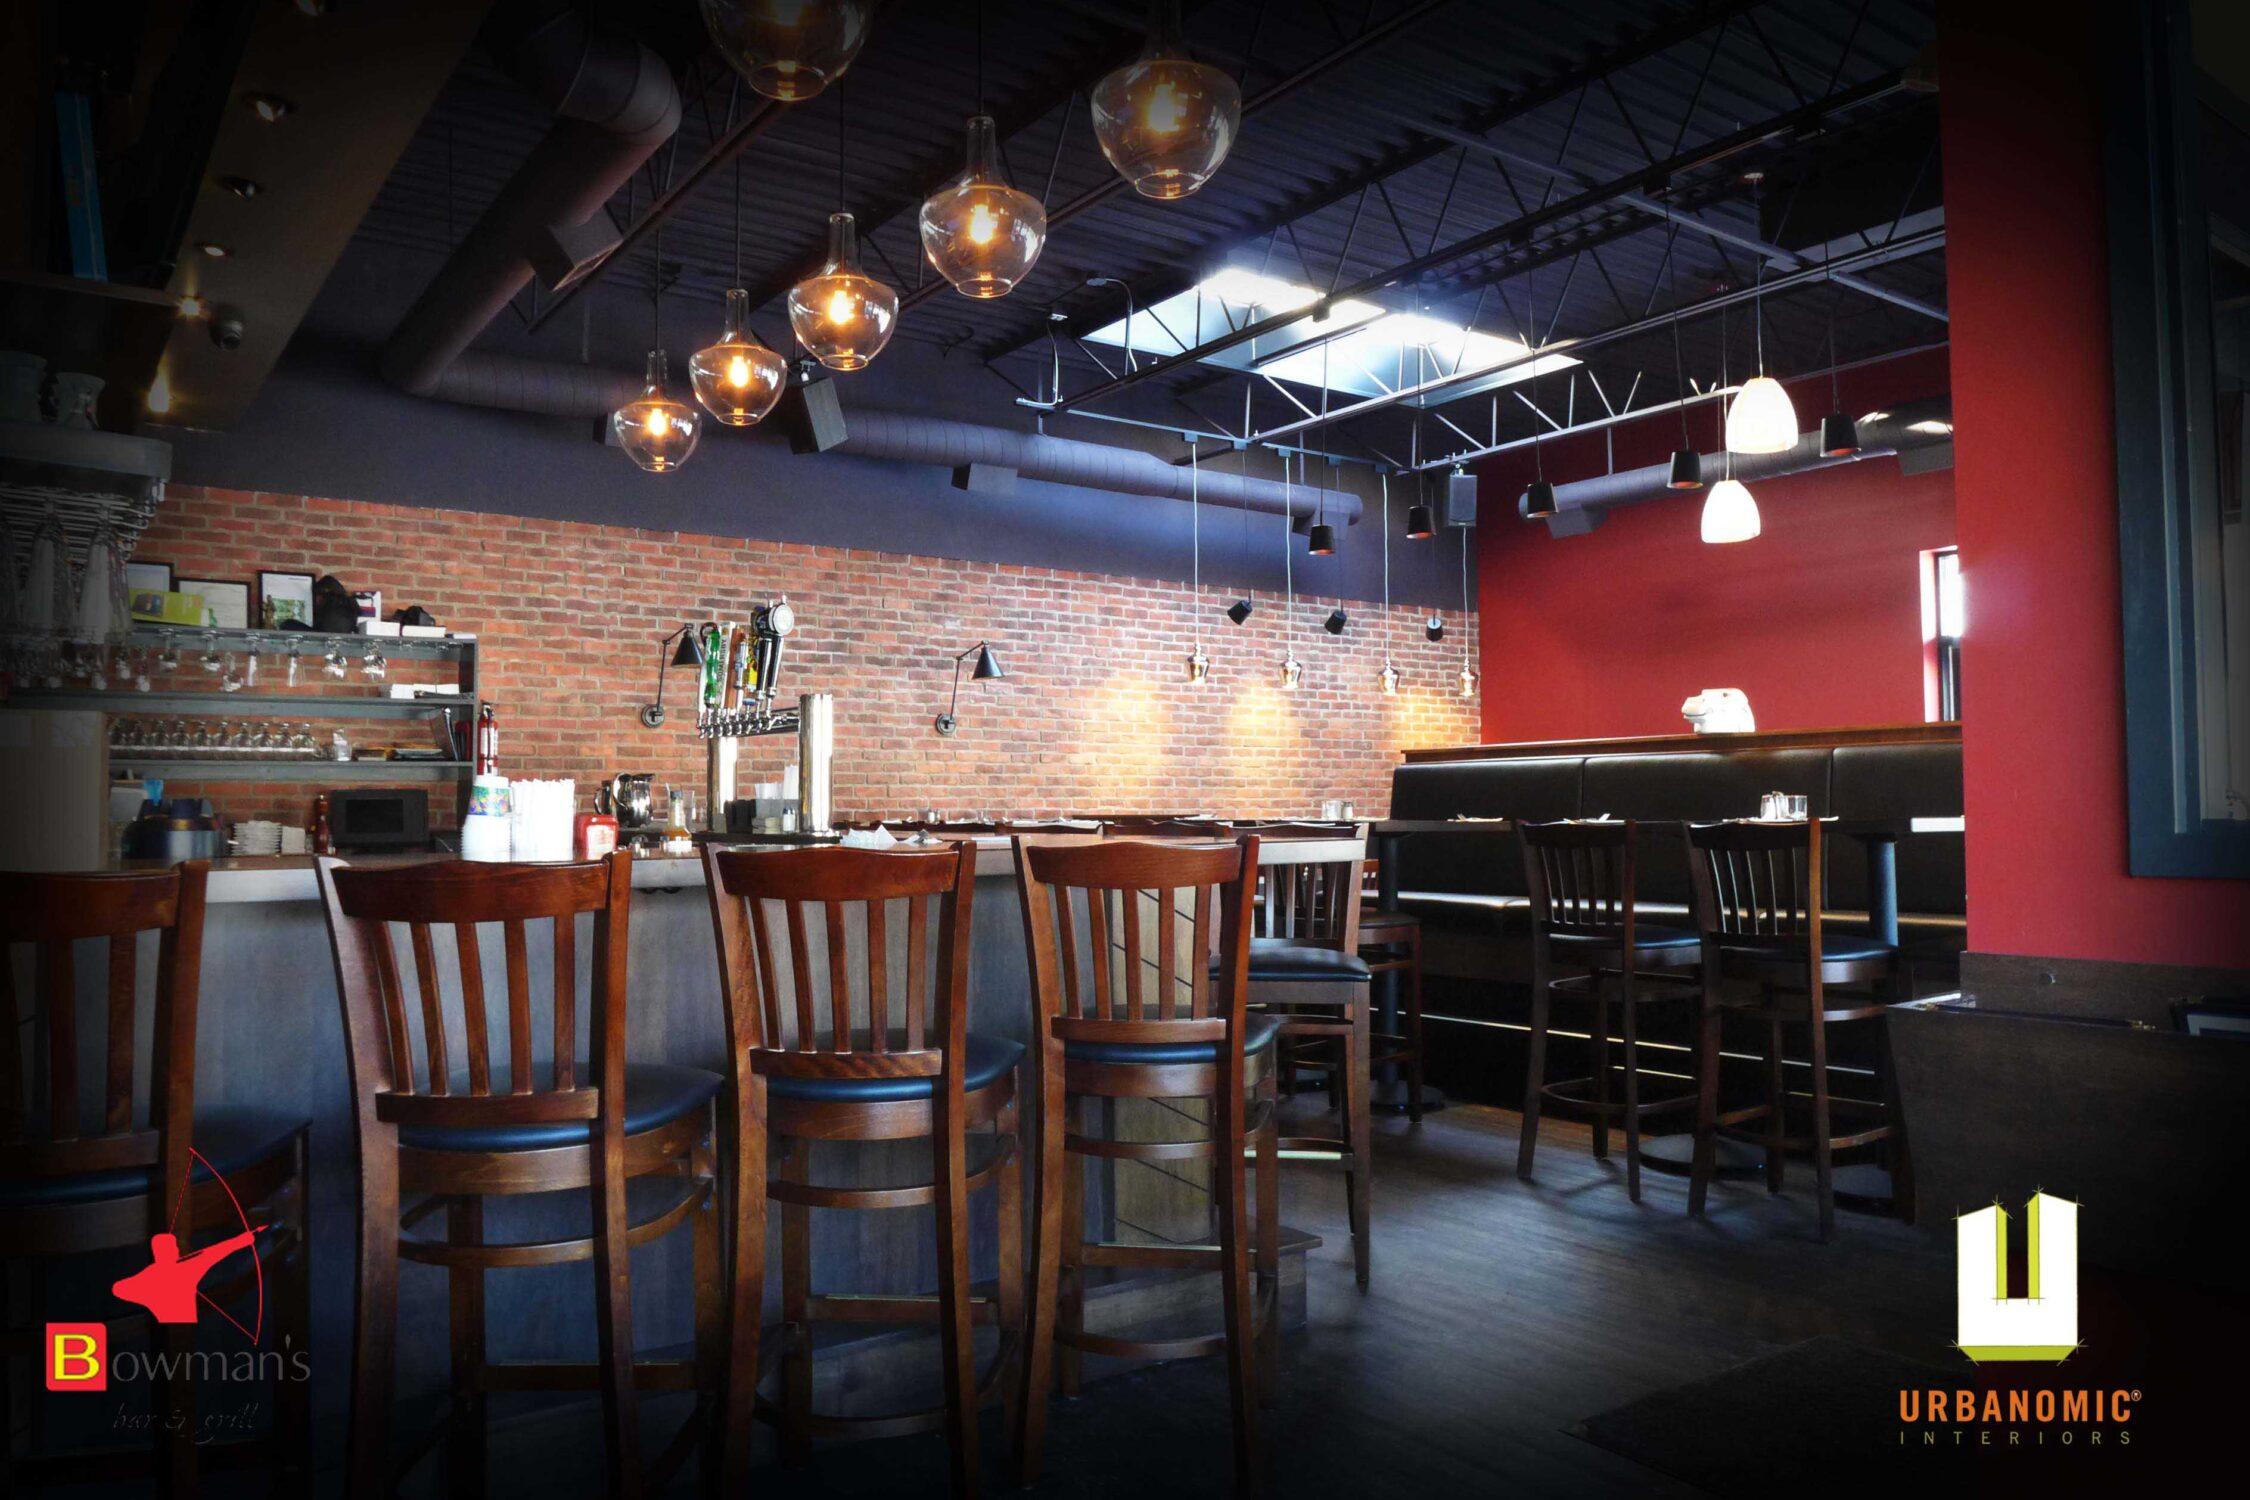 Bowmans_hospatility design_restaurant_renovation_urbanomic interior-design-ottawa_01